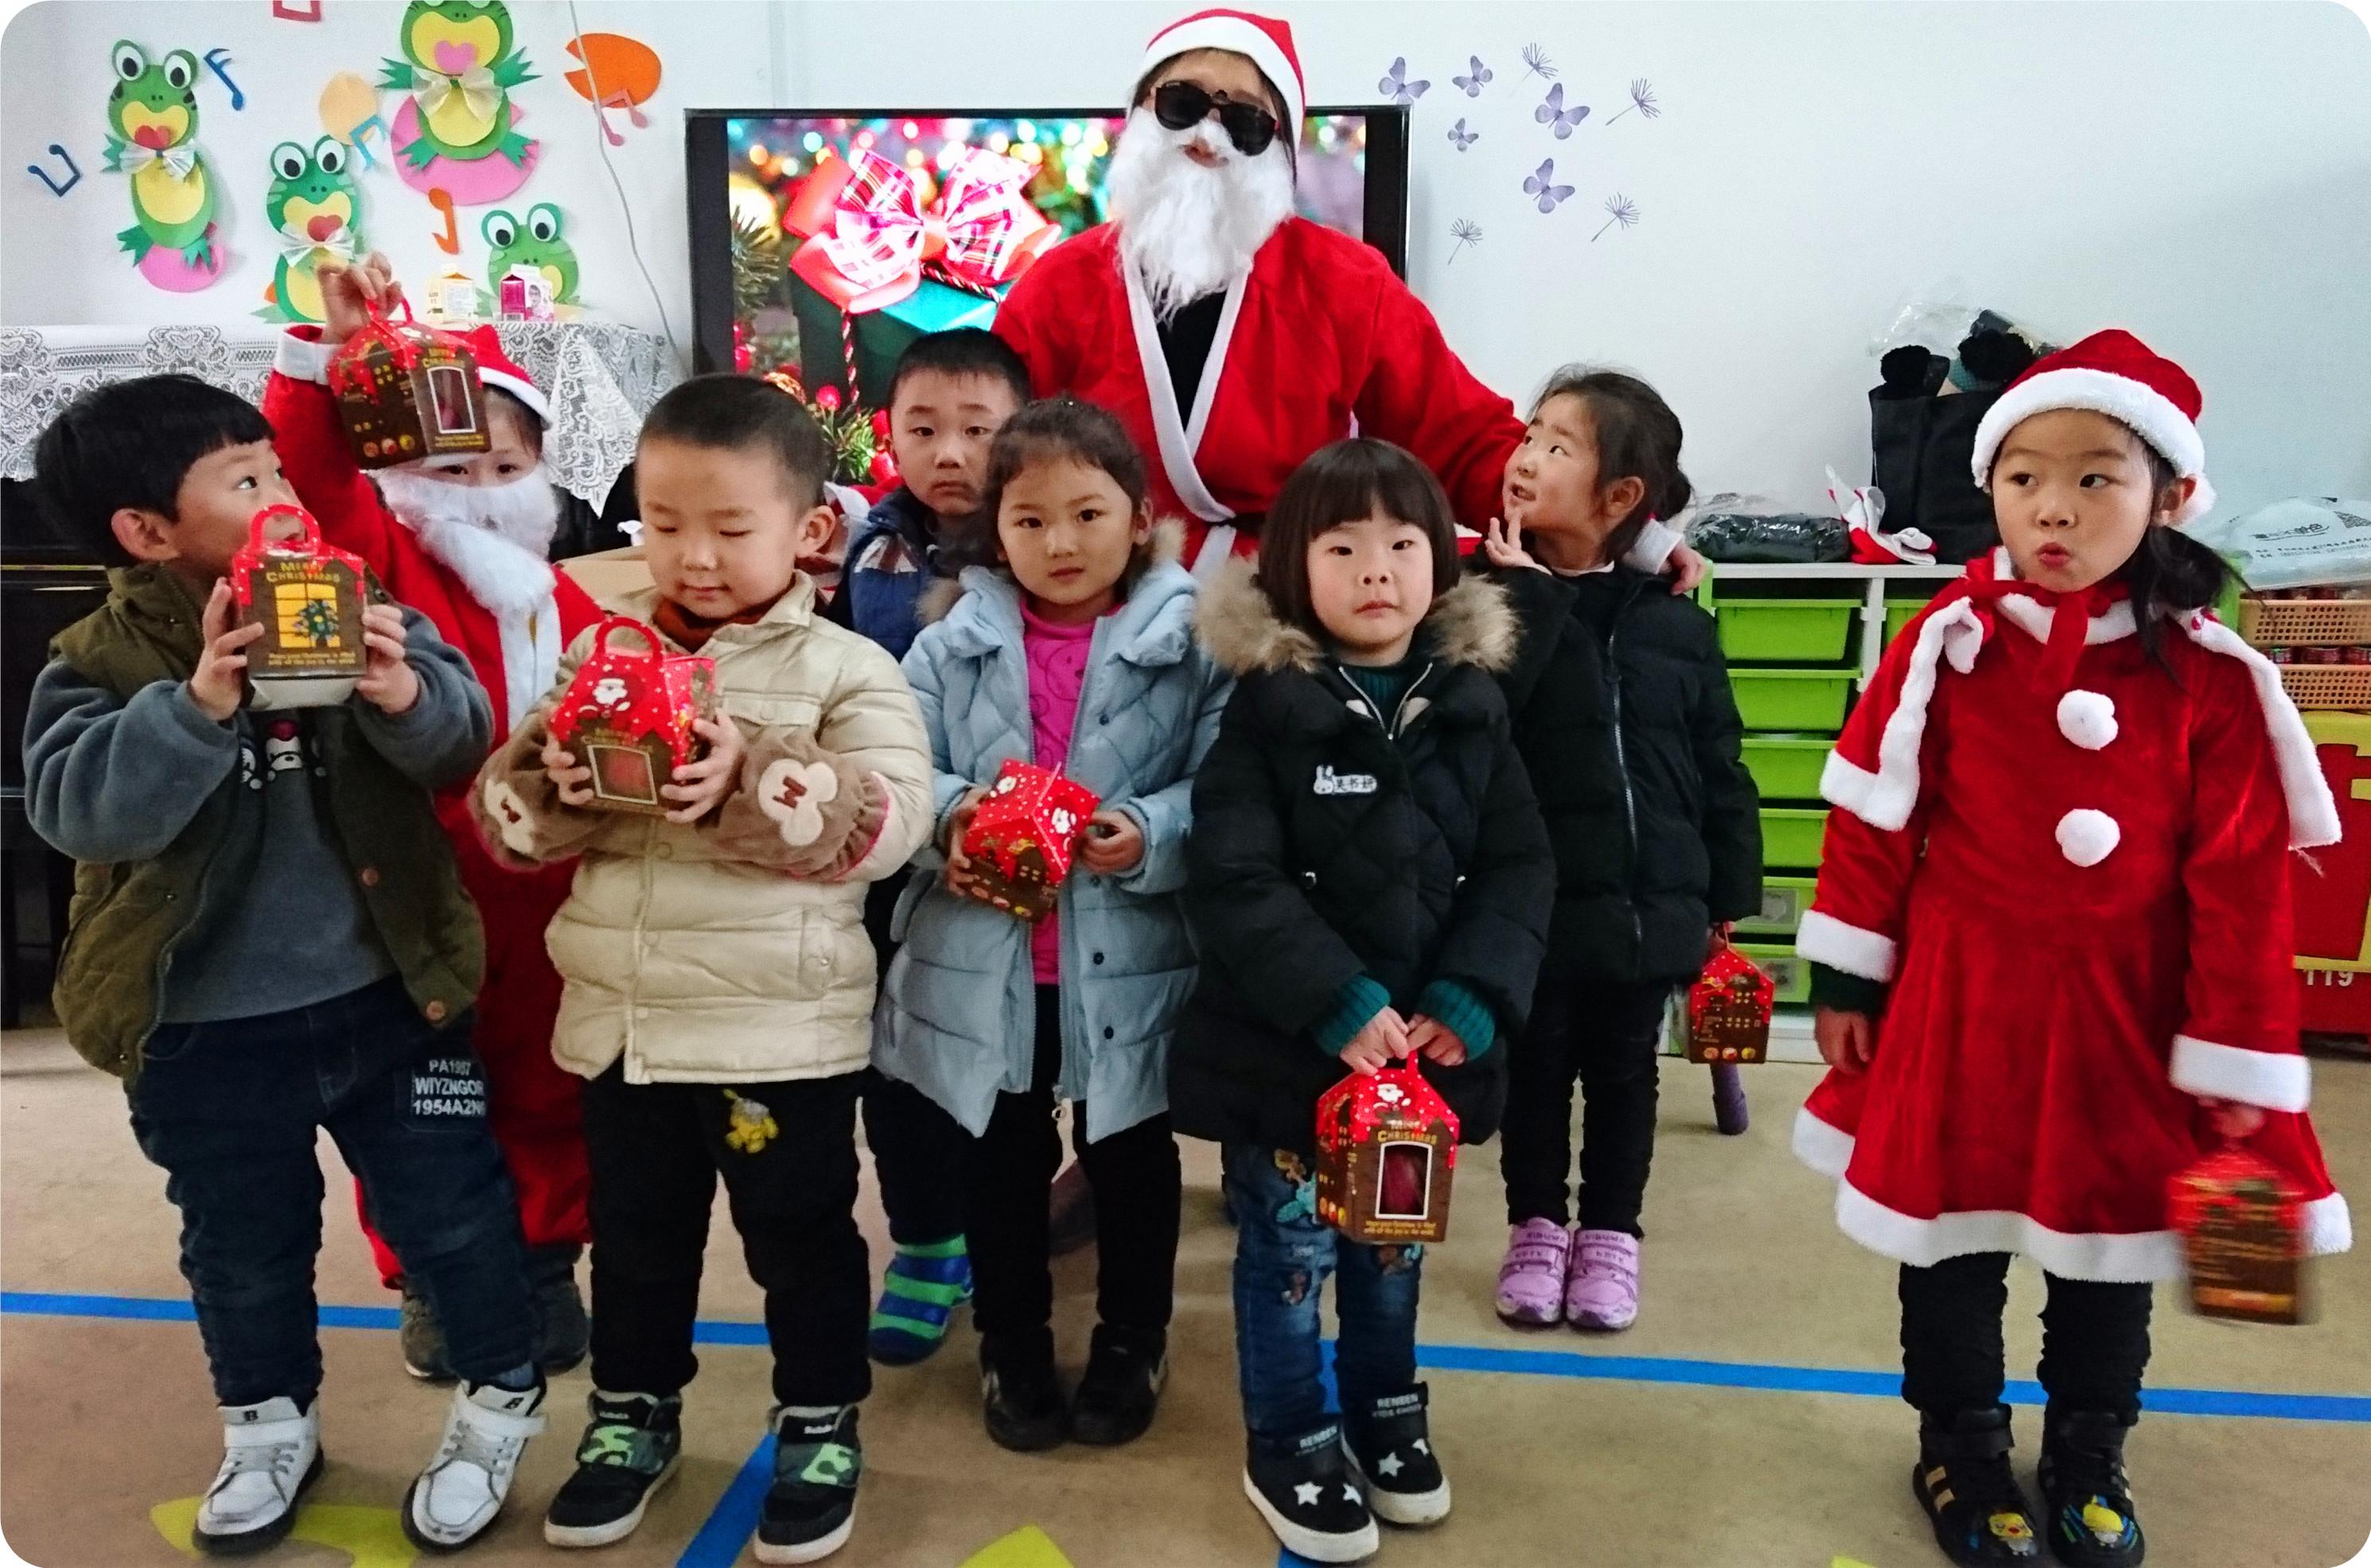 同时利用家园合作的宝贵资源,加上孩子们可爱灵巧的小手,瞬间幼儿园的